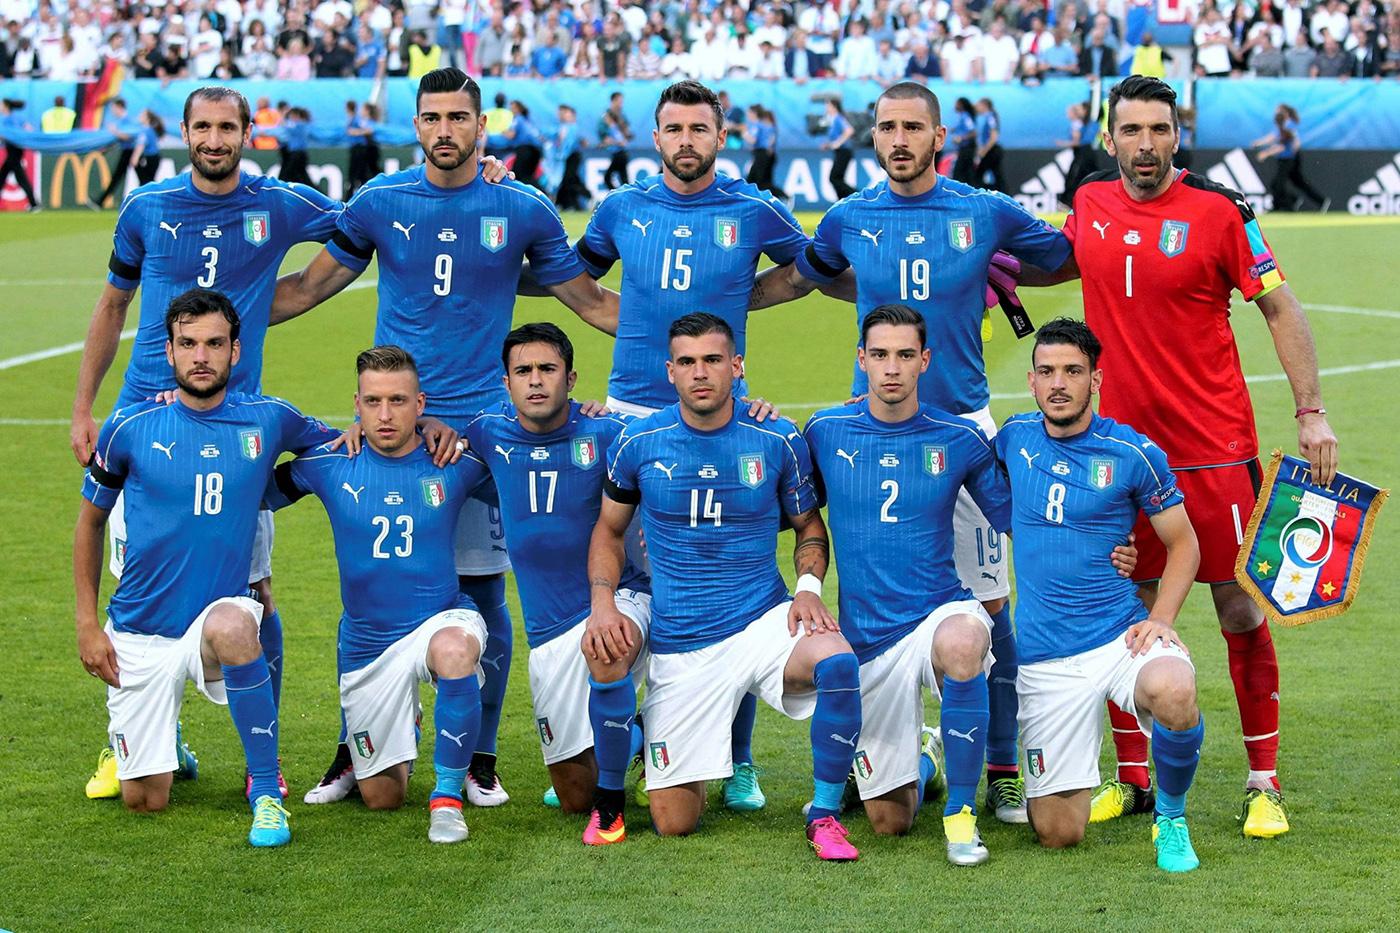 بعد حصد العلامة الكاملة بالتصفيات.. منتخب إيطاليا يتطلع للتألق باليورو